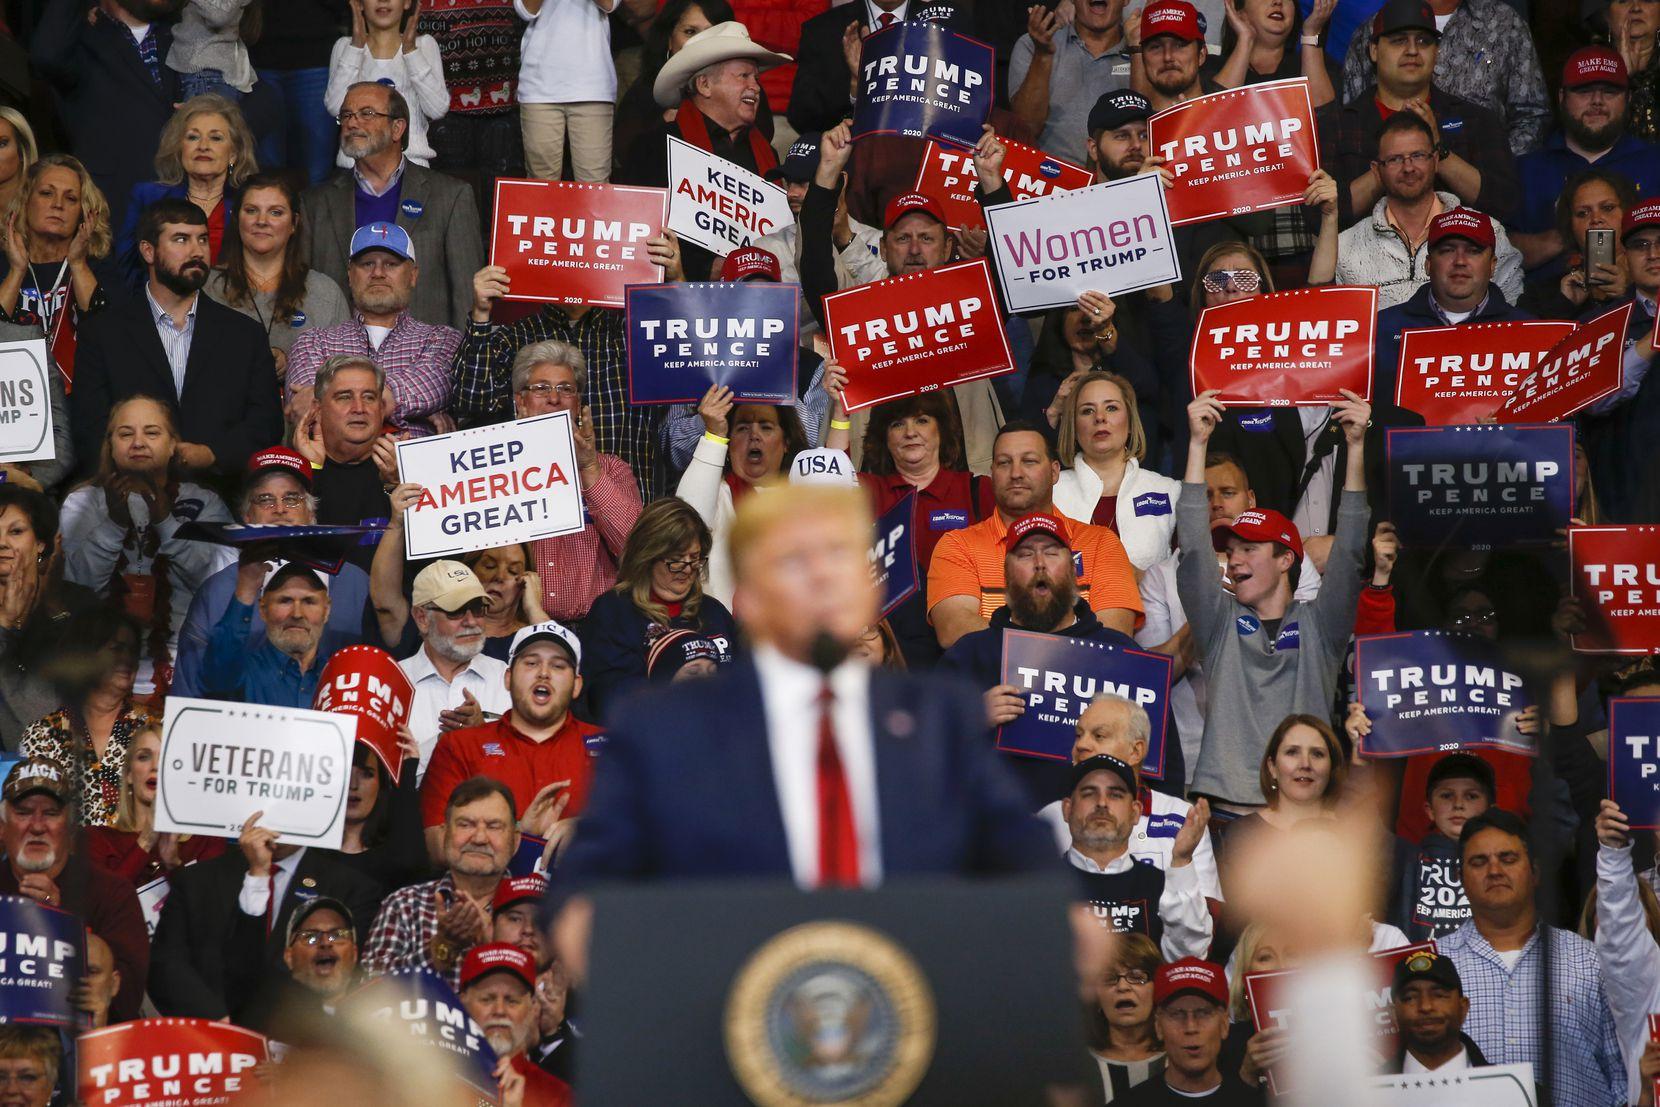 Le président Donald Trump a pris la parole lors d'un rassemblement de réélection à Bossier City, en Louisiane, le 14 novembre 2019.